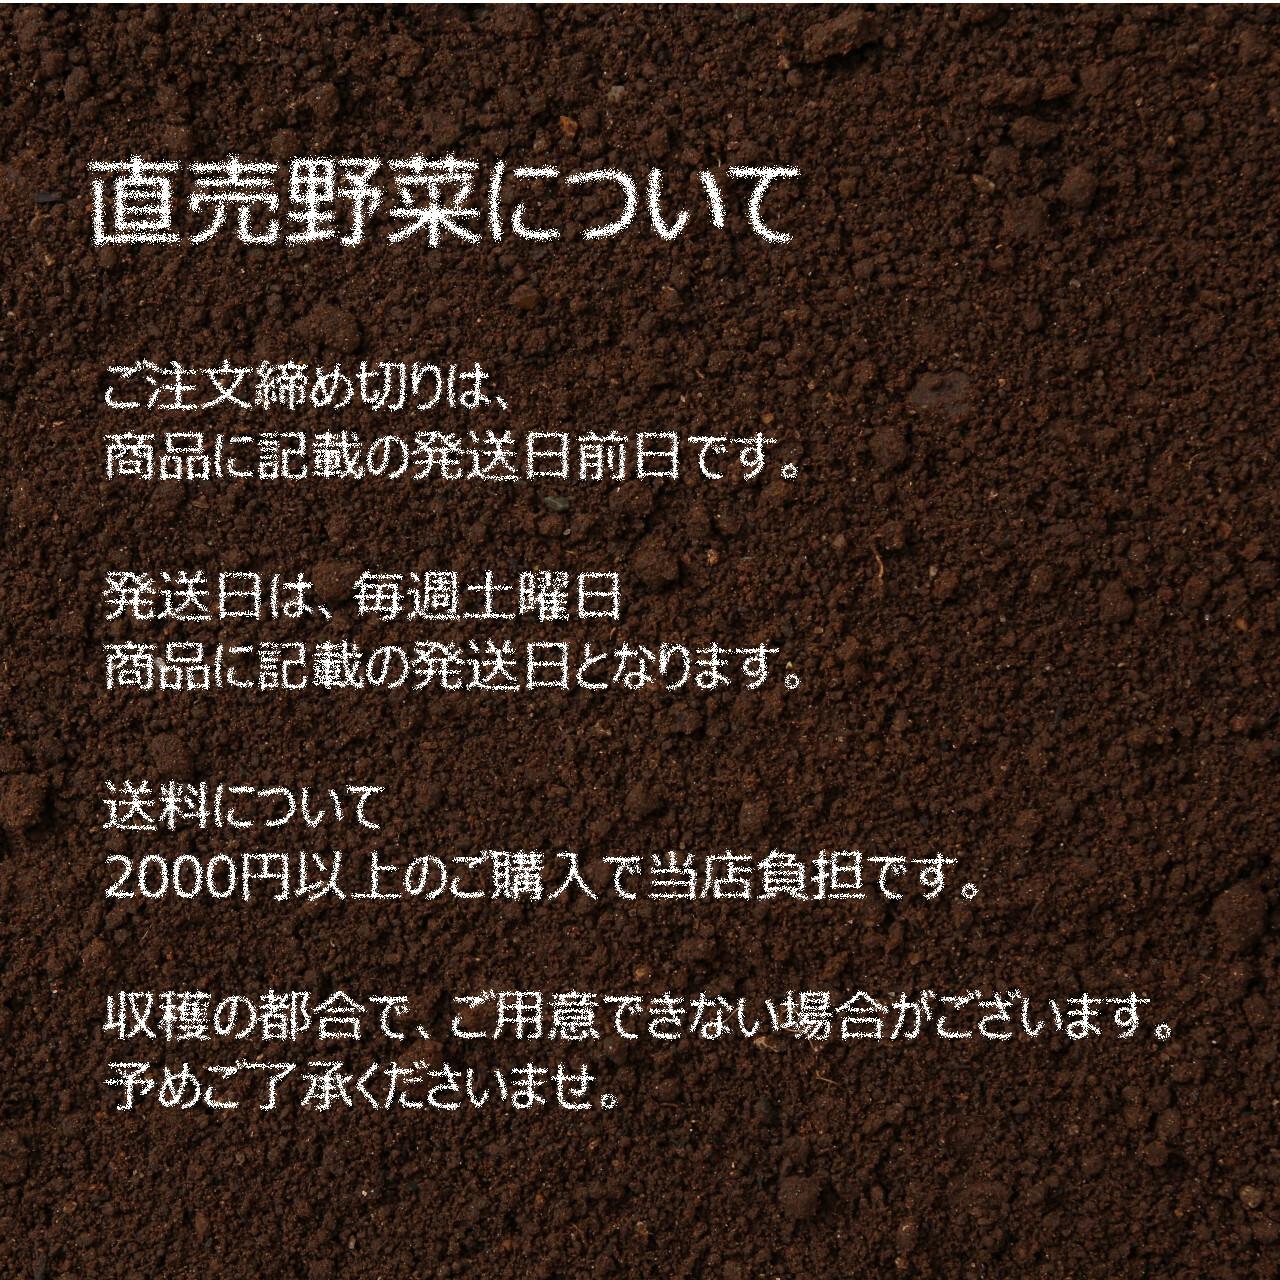 ガーデンレタス 約150g : 6月の朝採り直売野菜  6月15日発送予定